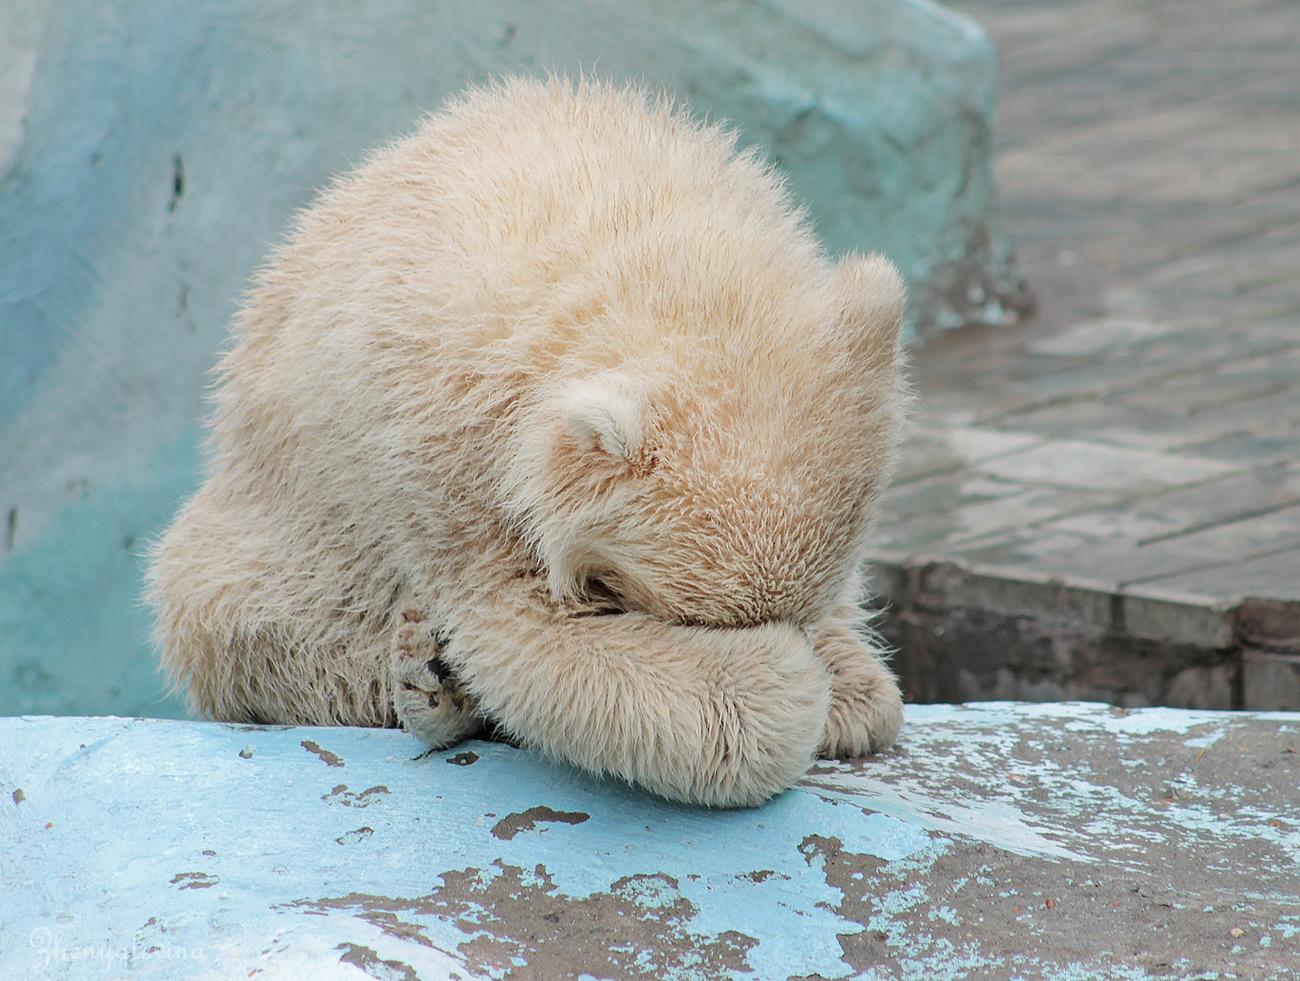 A little white bear